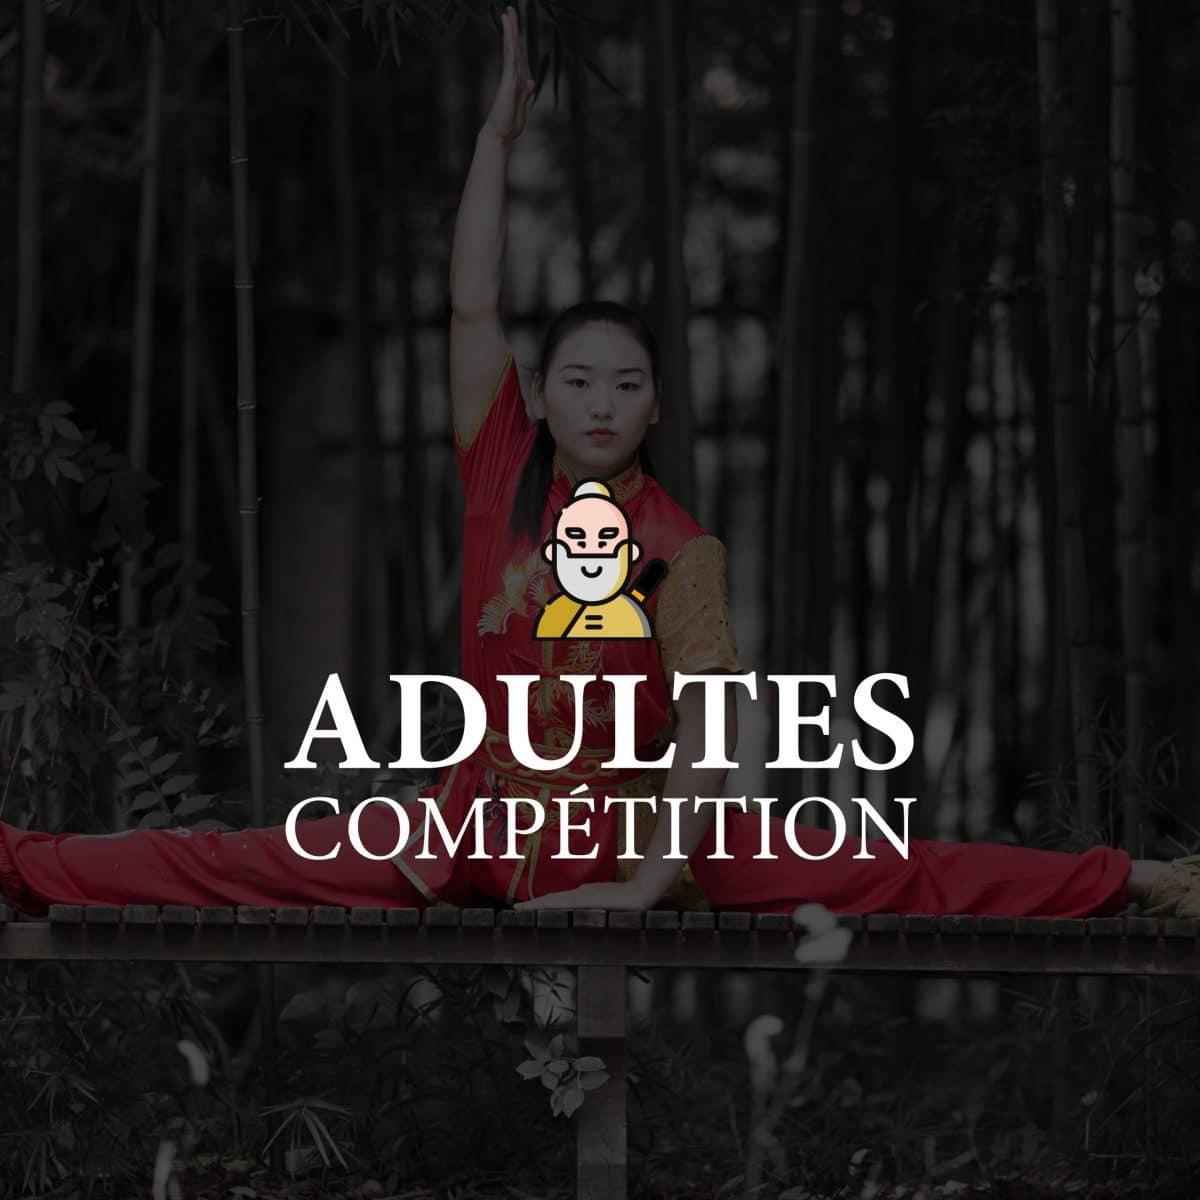 """Cours compétition """"Adultes"""" - la ville de Québec"""